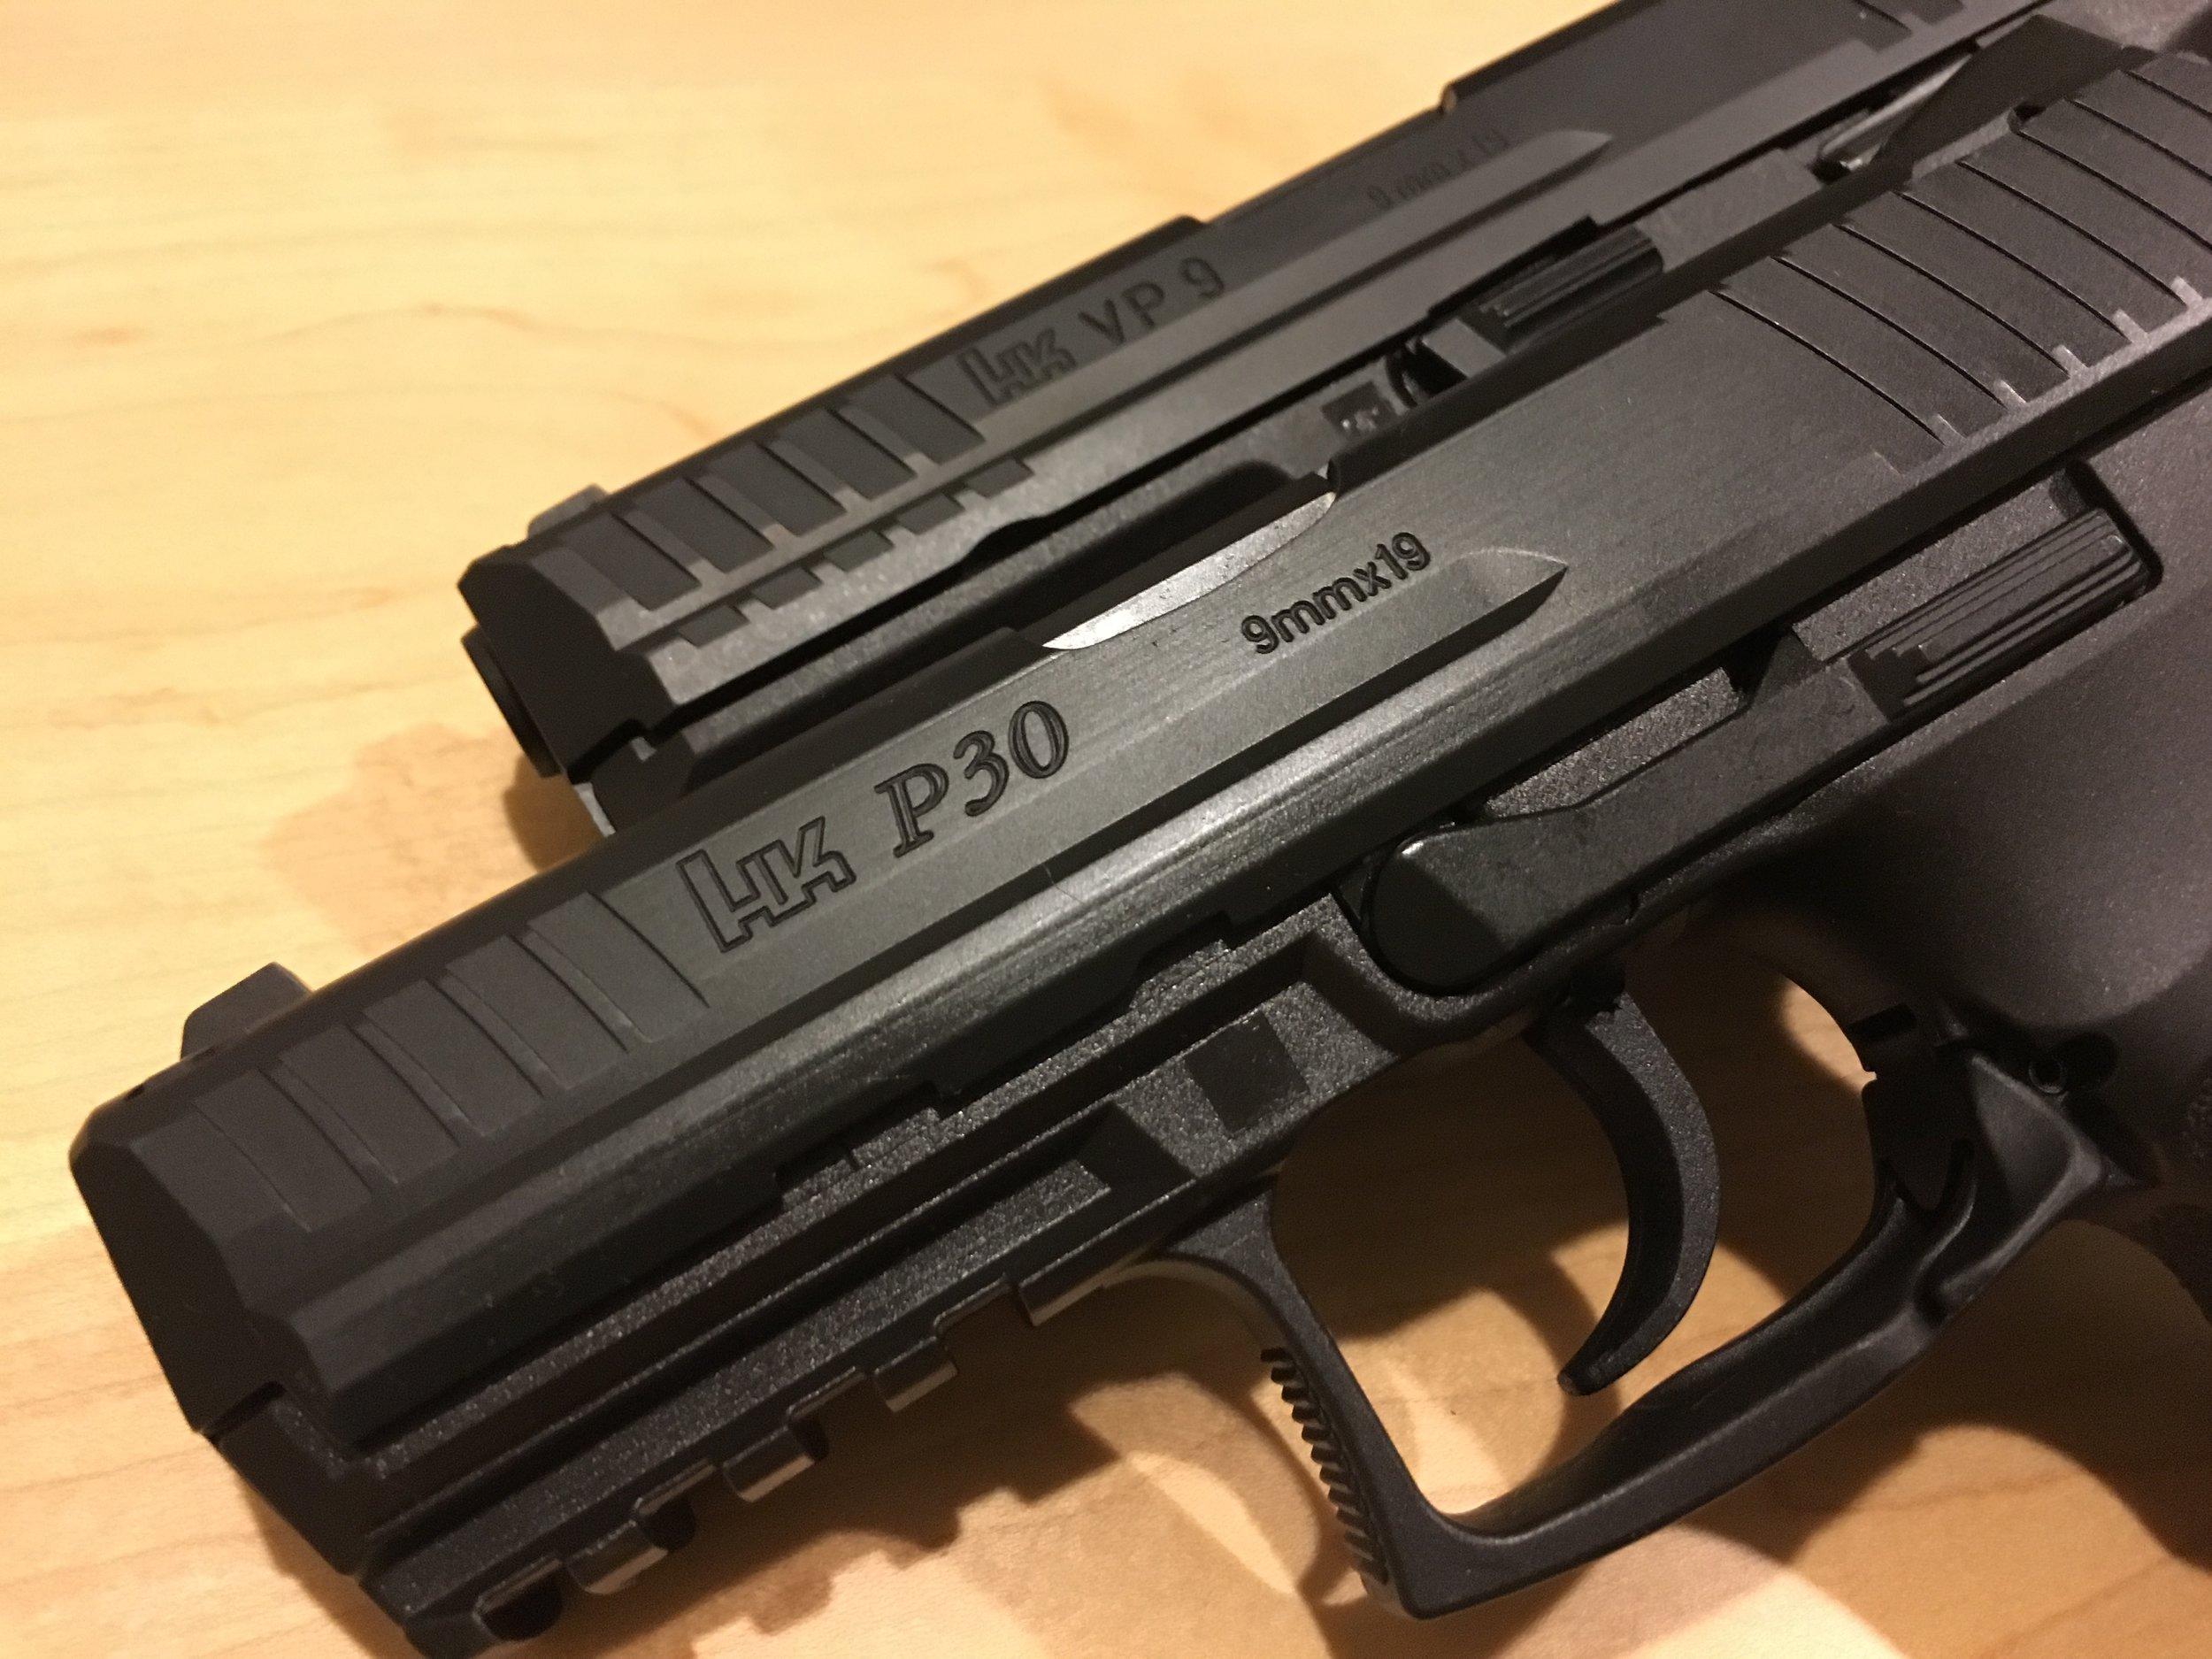 VP9 and P30.JPG